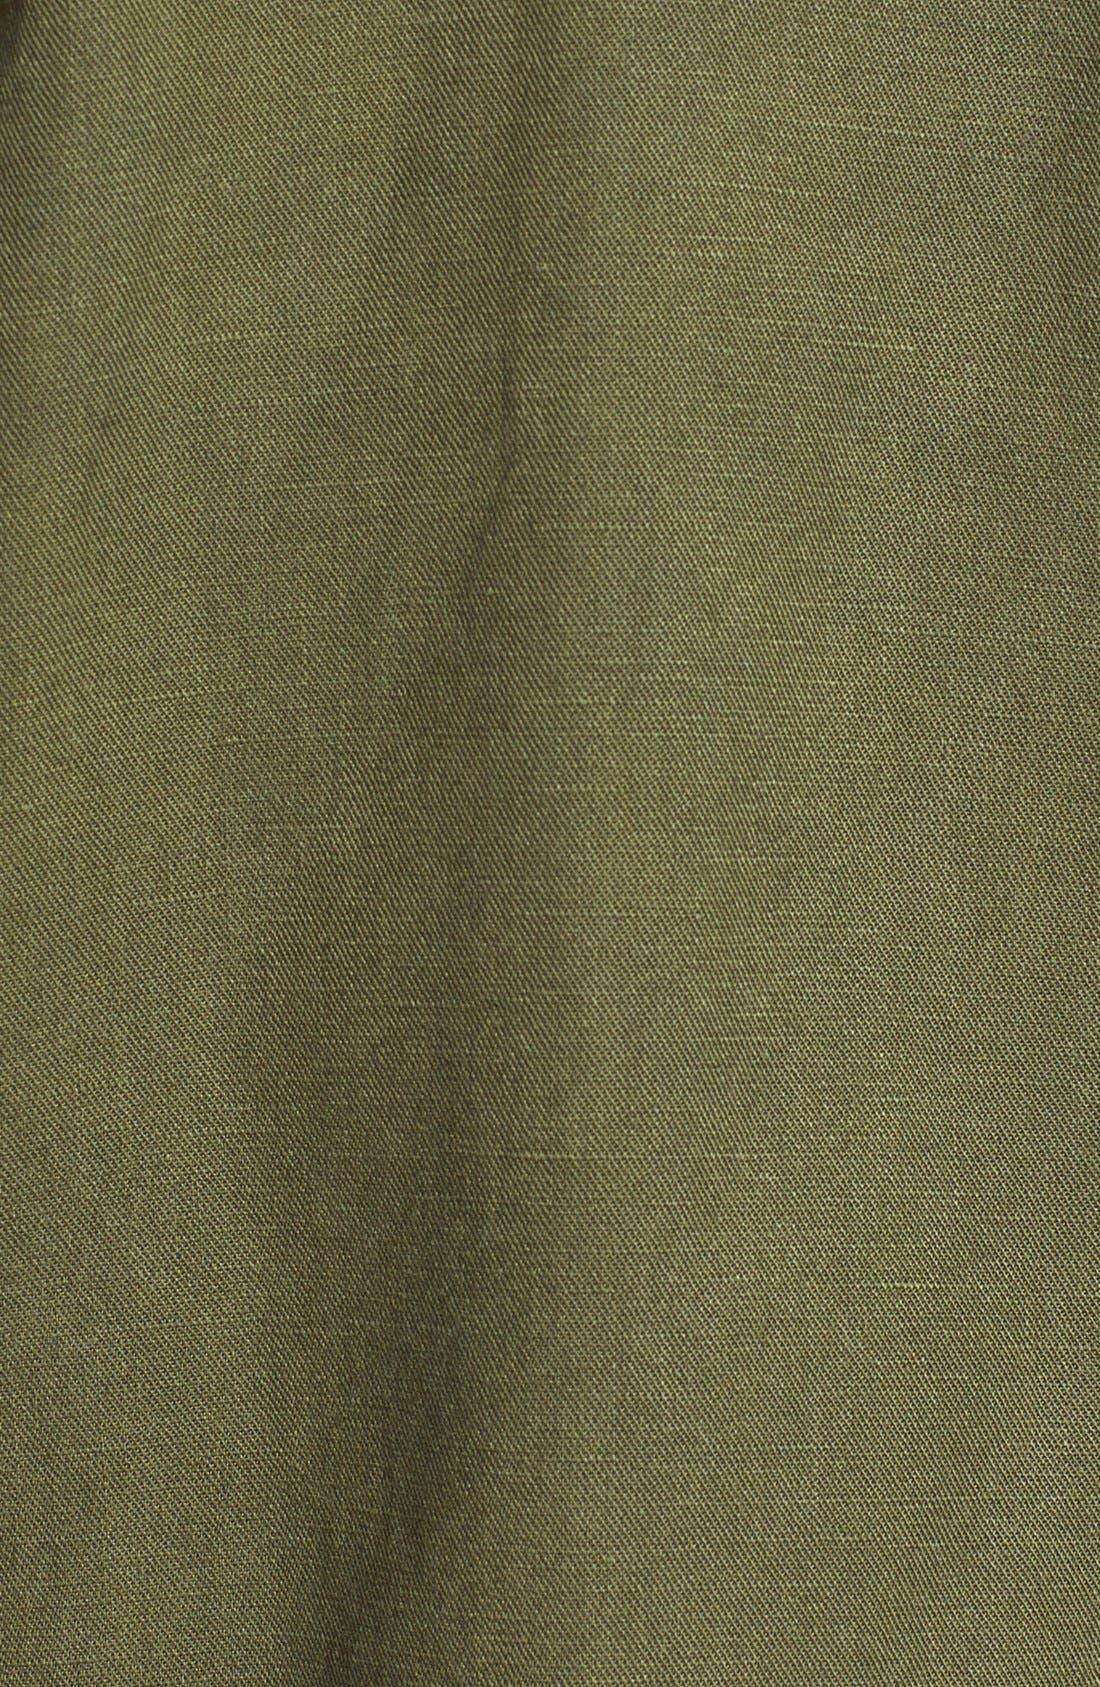 Alternate Image 3  - Eileen Fisher Tencel® & Linen Bomber Jacket